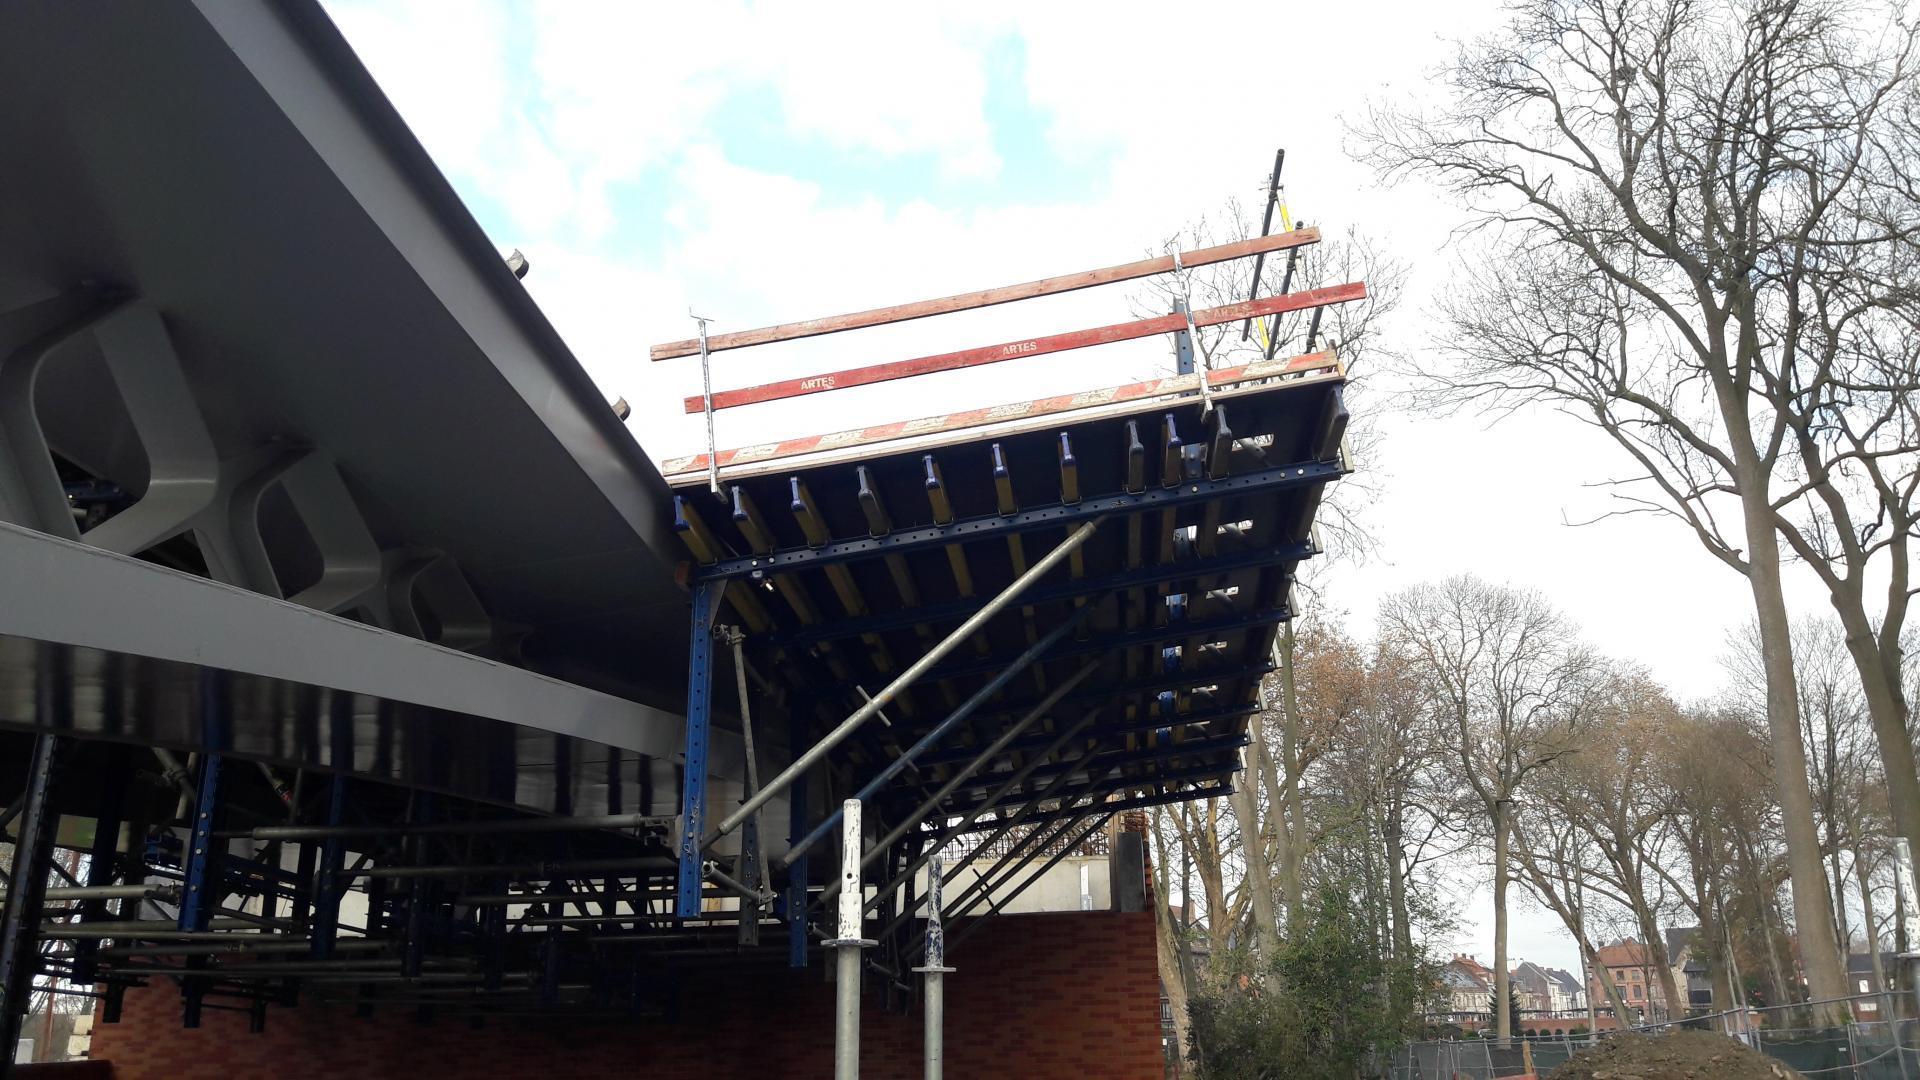 Het brugdek wordt aangebracht door middel van een hangende bekisting. Een technisch huzarenstukje!